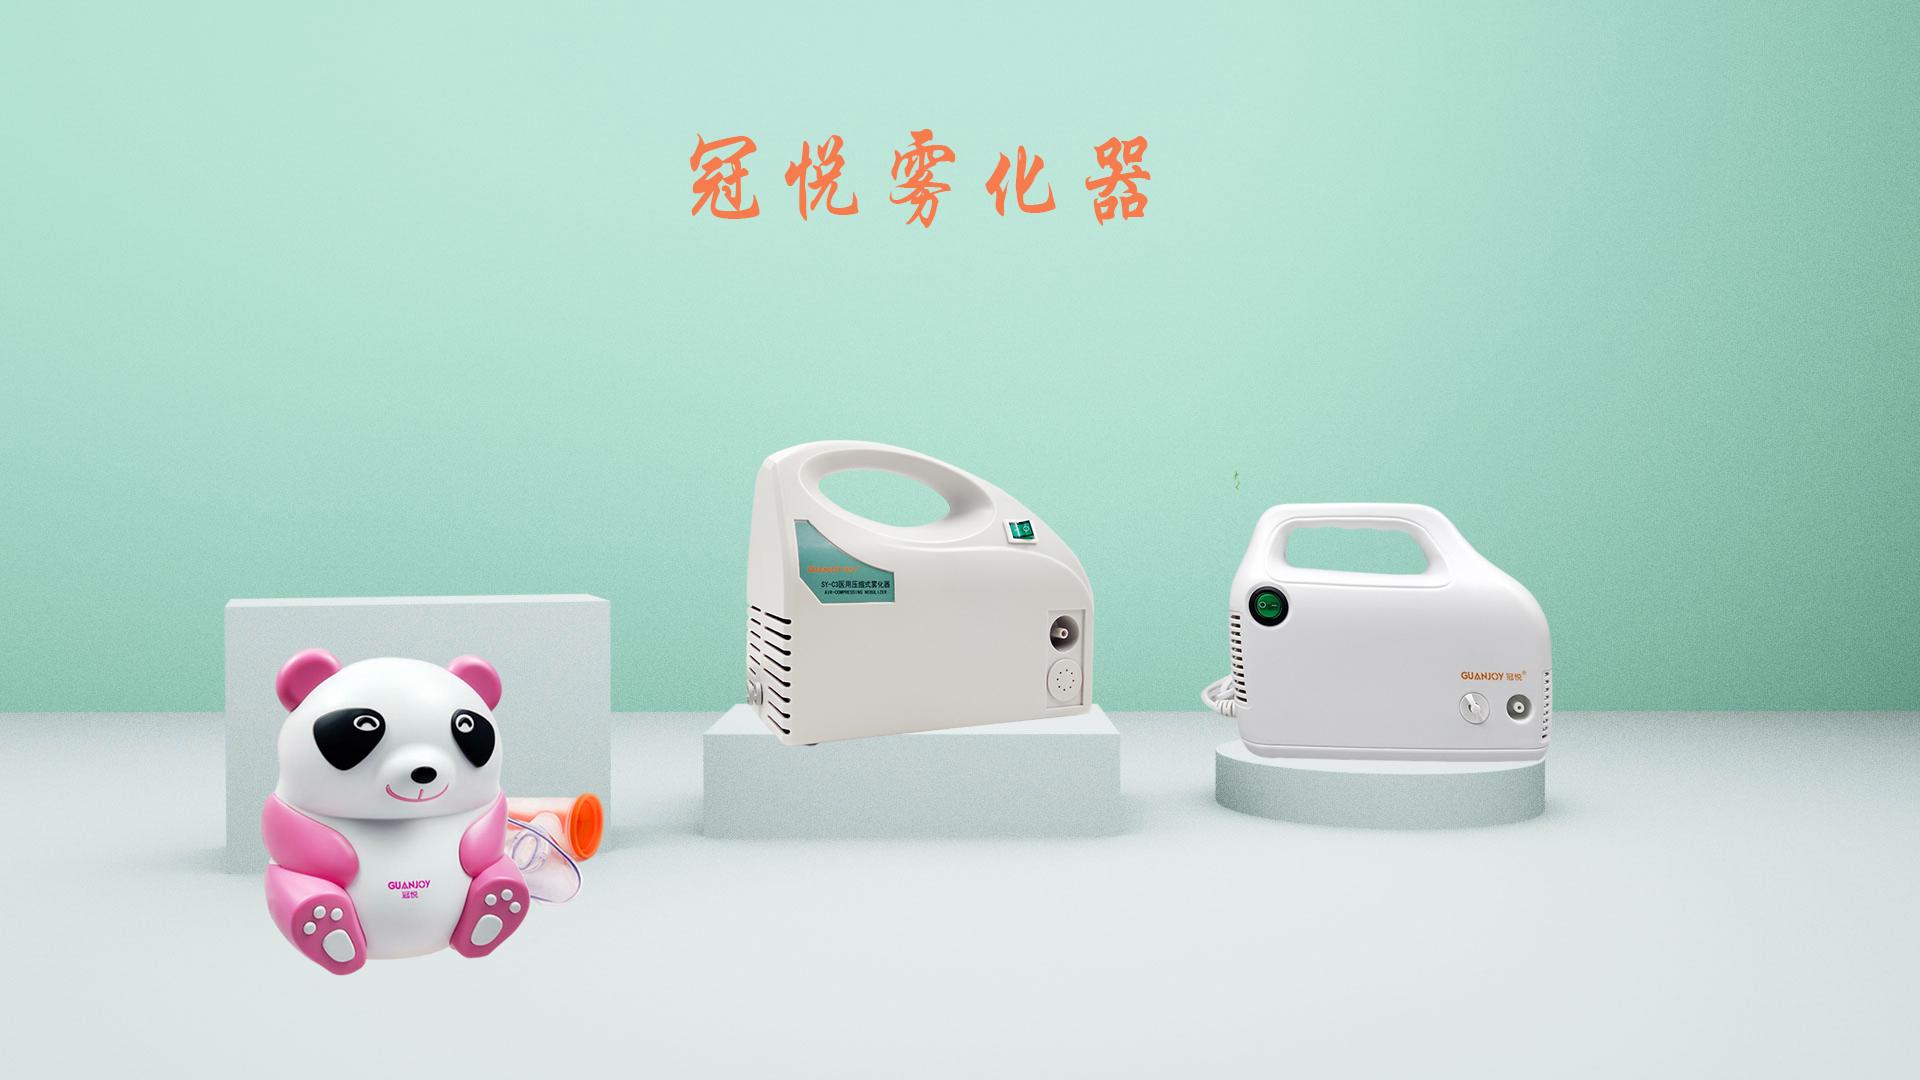 雾化器厂家:家用雾化器和医用雾化器的区别!